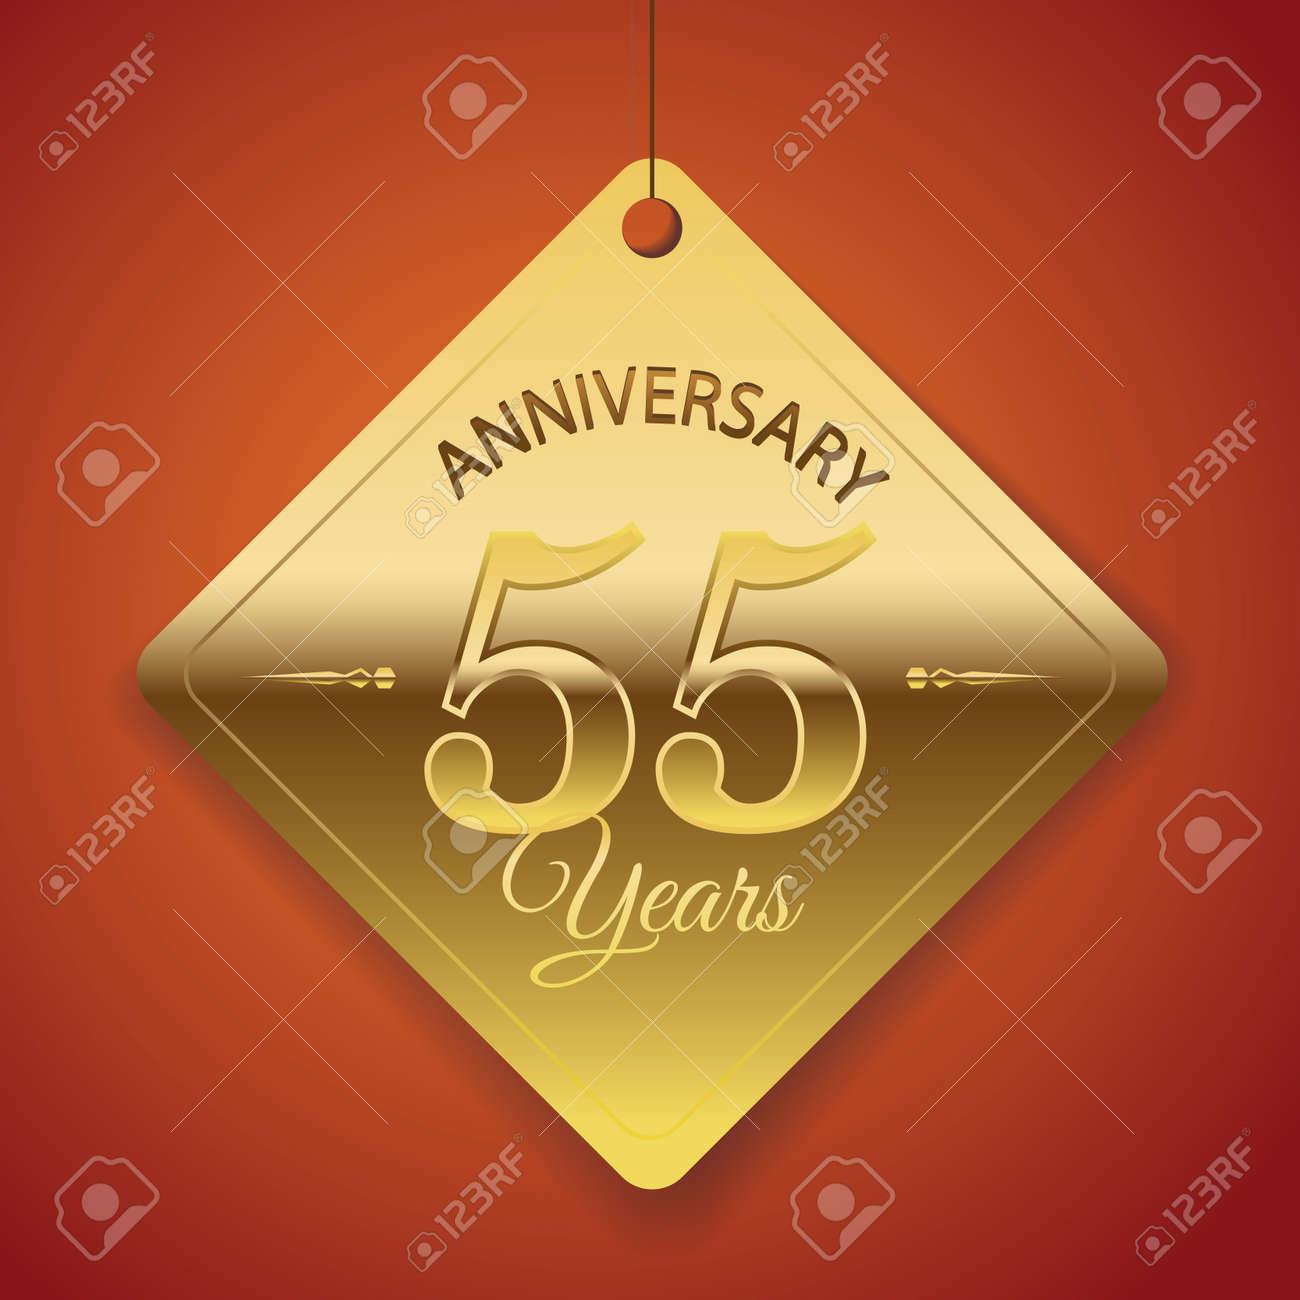 55 Aniversario Etiqueta De Plantilla Del Cartel Del Diseño De ...